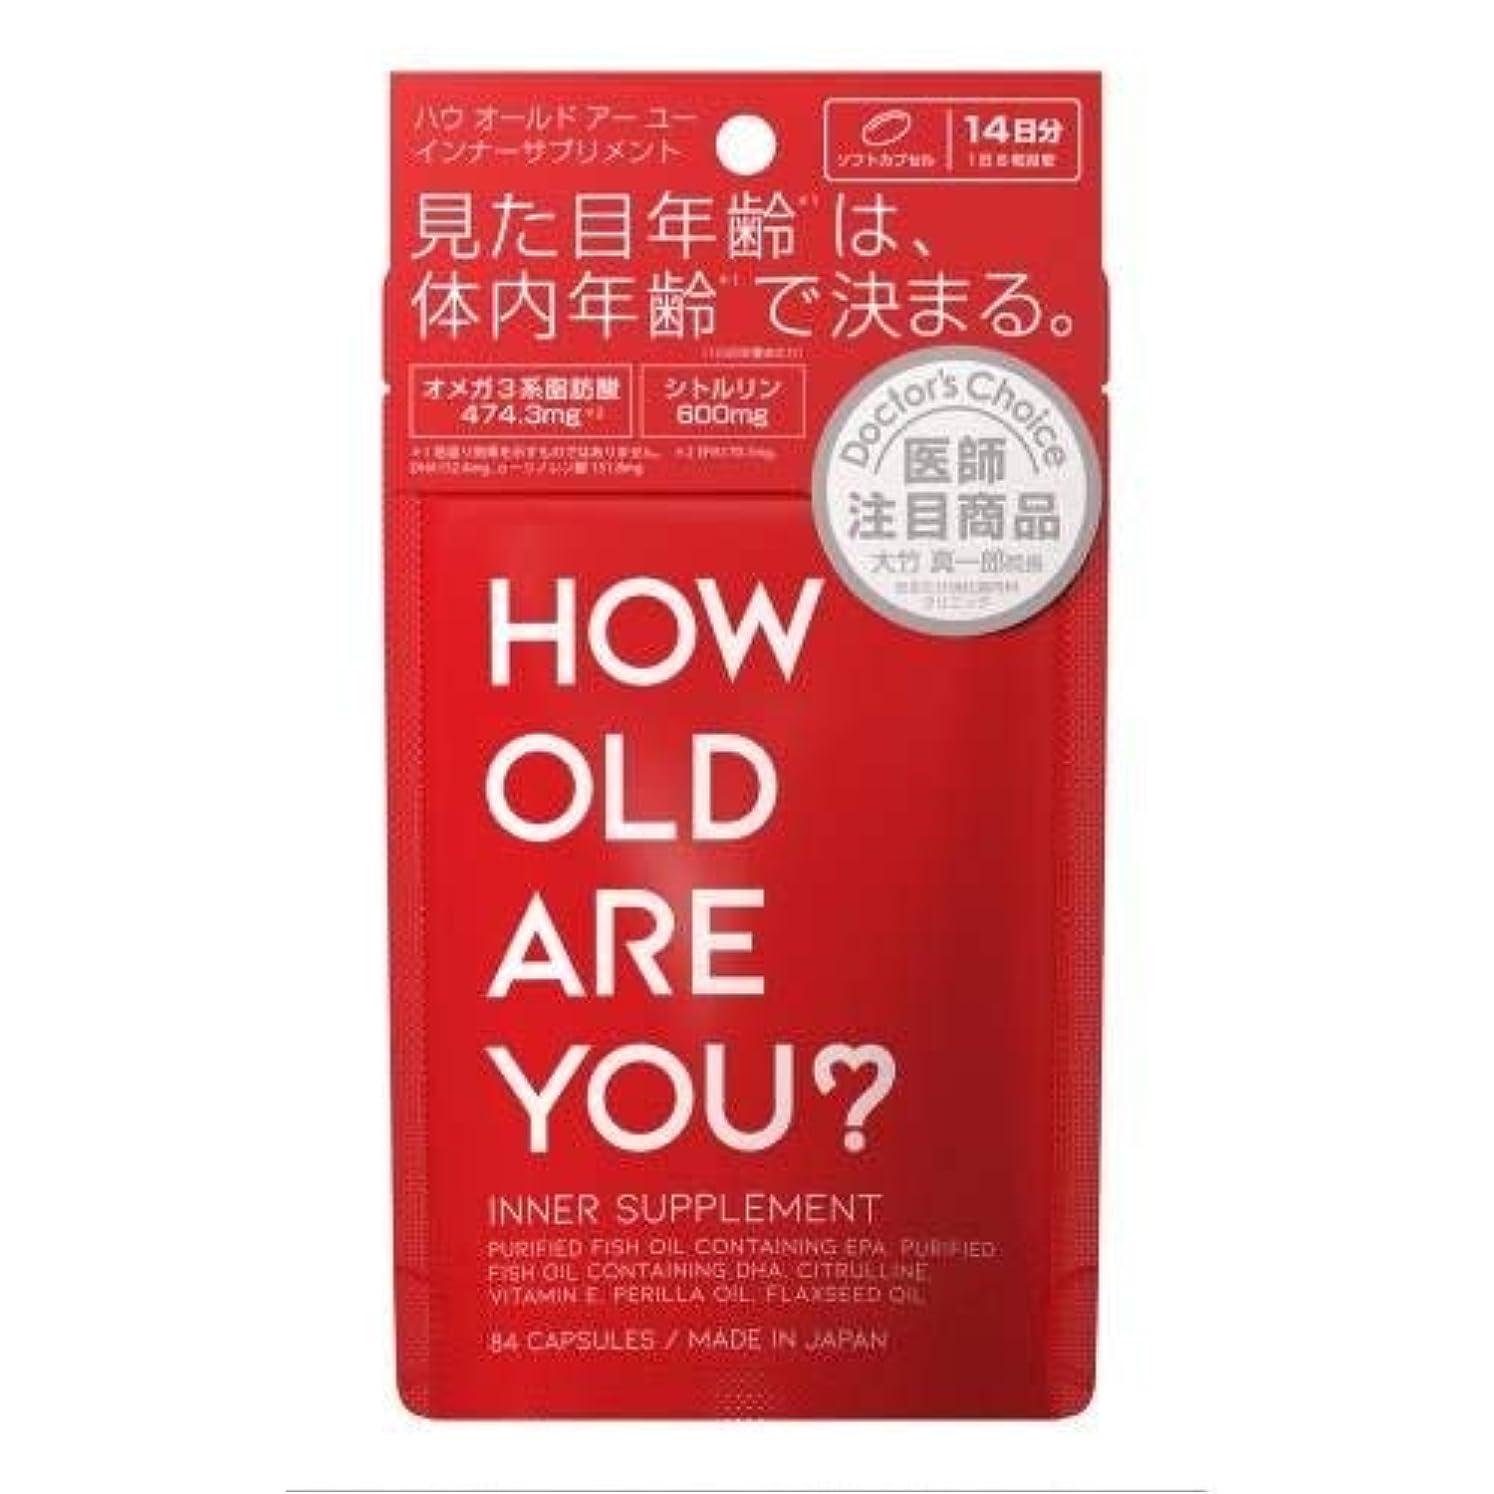 賛美歌狂人オークション【3個セット】HOW OLD ARE YOU?インナーサプリメント 84粒